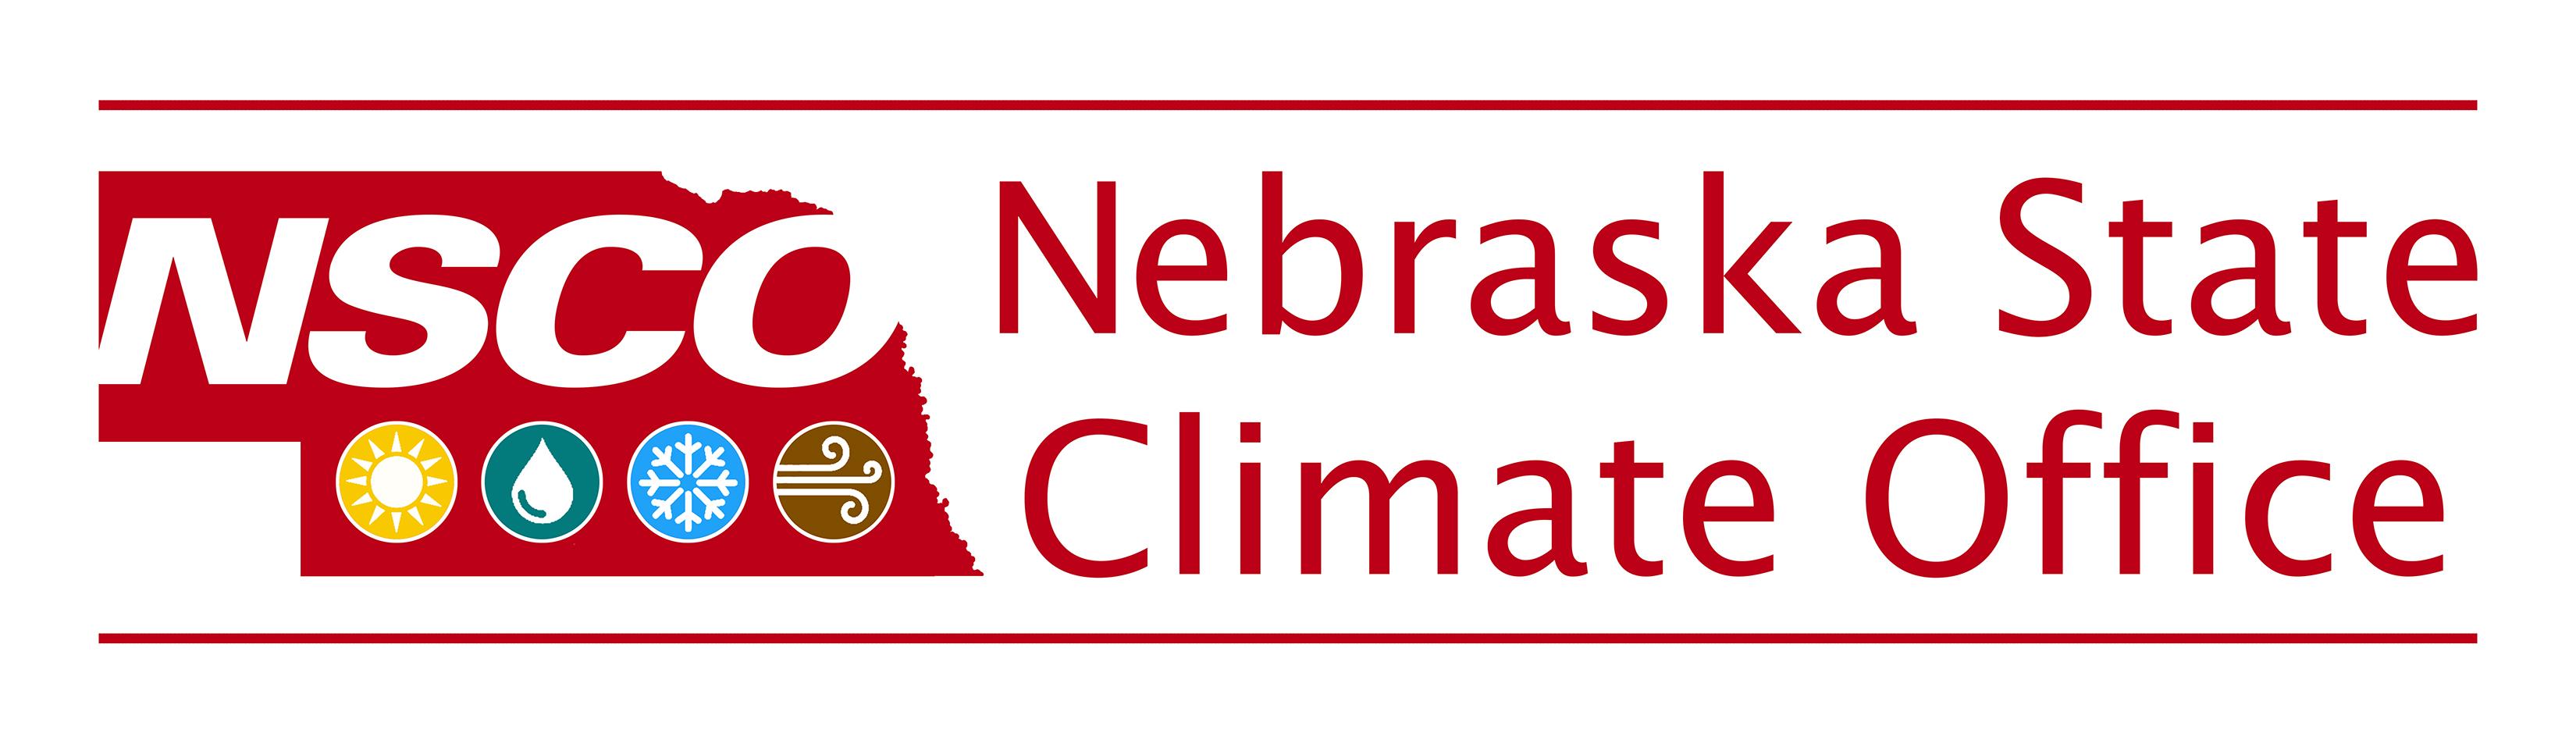 Nebraska State Climate Office Survey